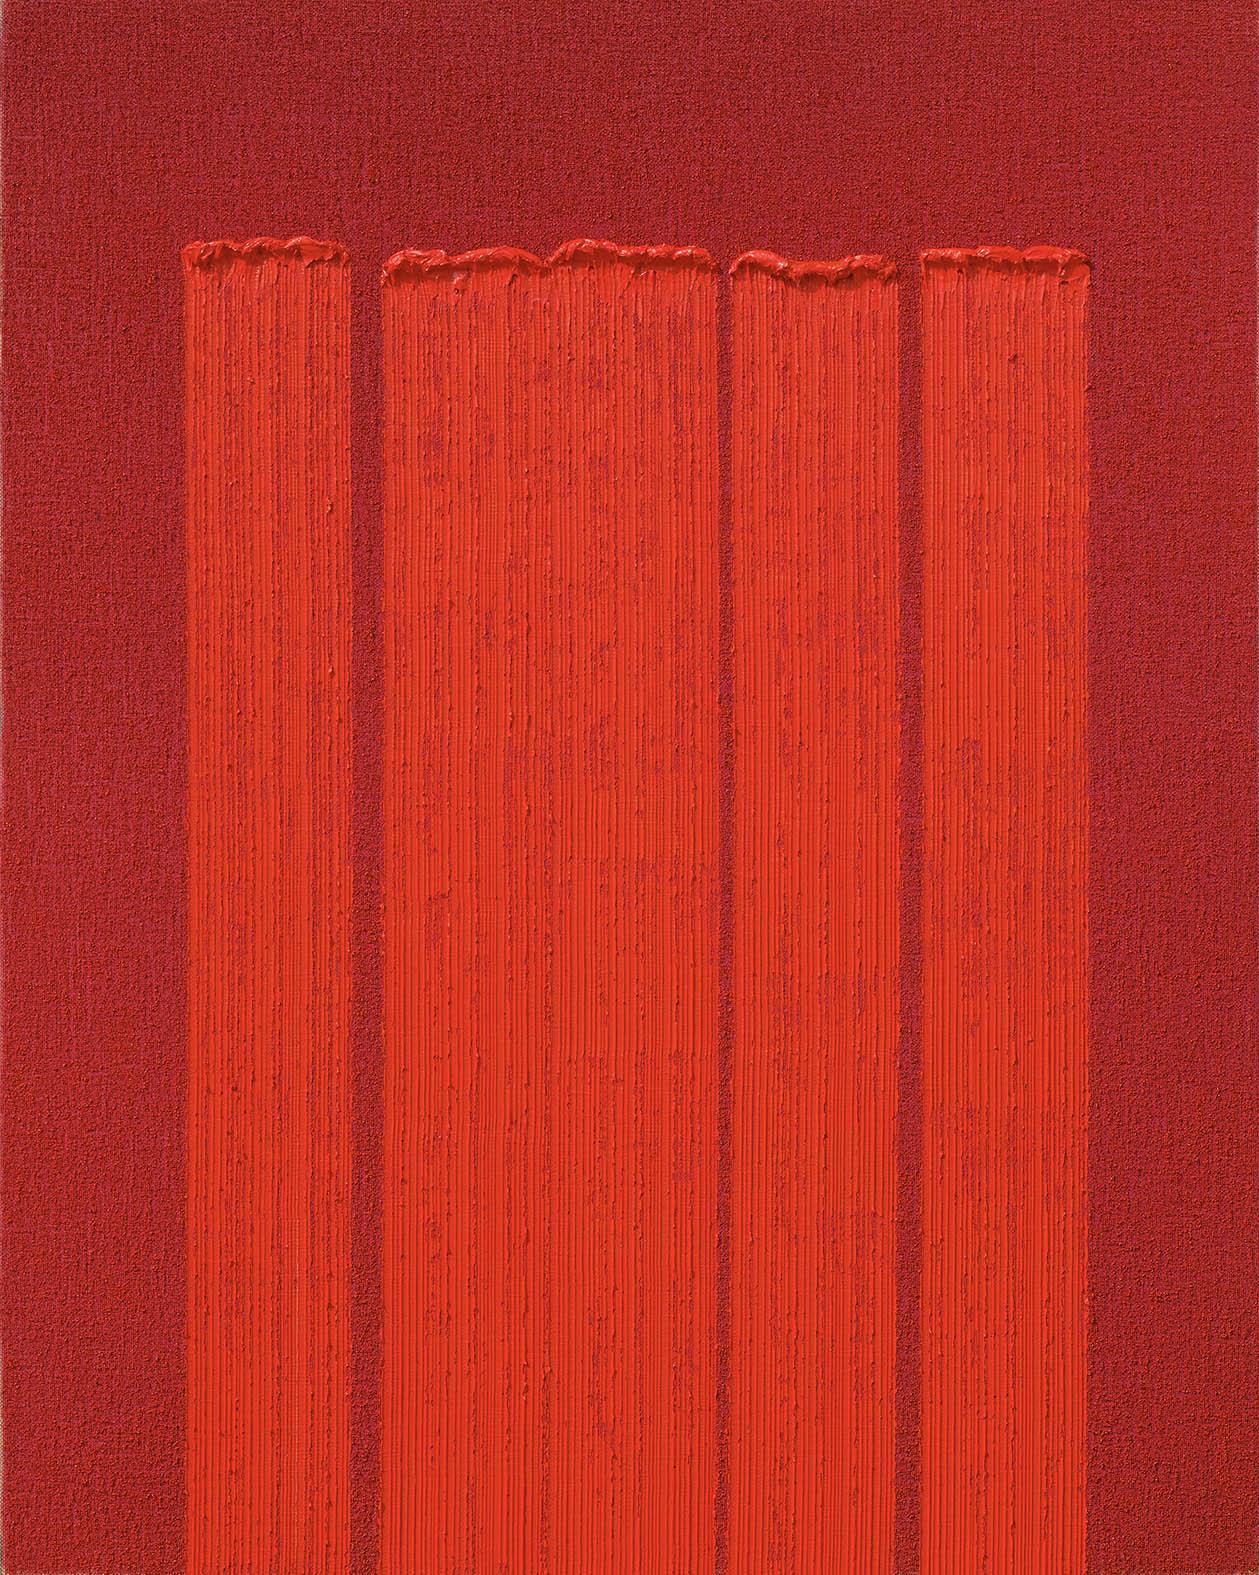 L'arte materica non convenzionale di Ha Chong-Hyun a Milano